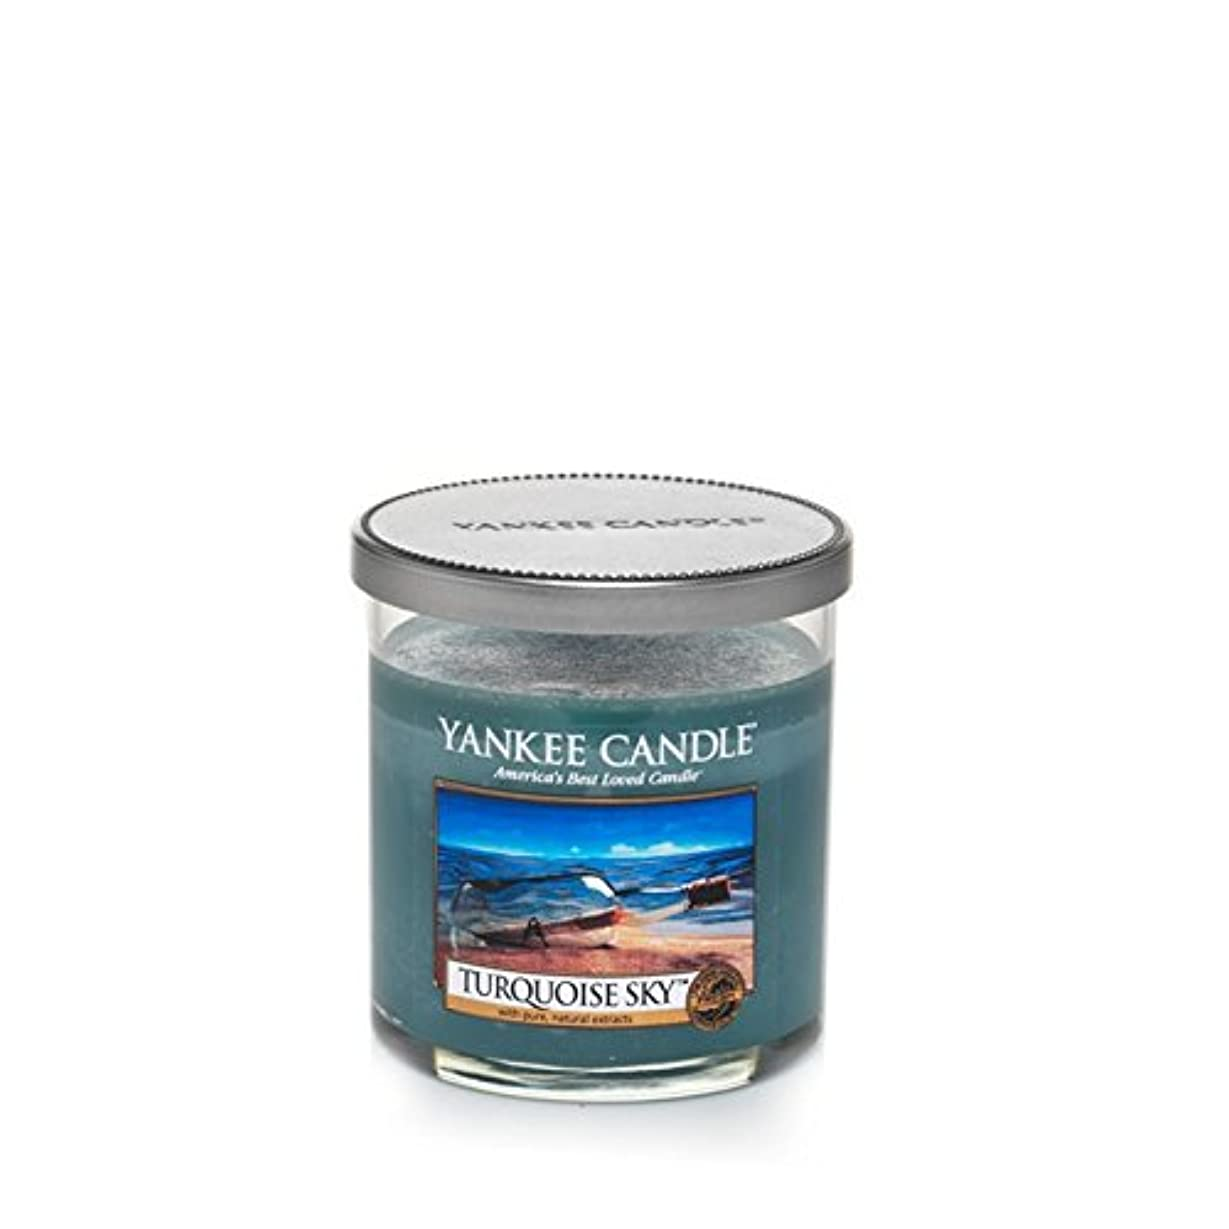 復活する信頼できる信頼性ヤンキーキャンドルの小さな柱キャンドル - ターコイズの空 - Yankee Candles Small Pillar Candle - Turquoise Sky (Yankee Candles) [並行輸入品]